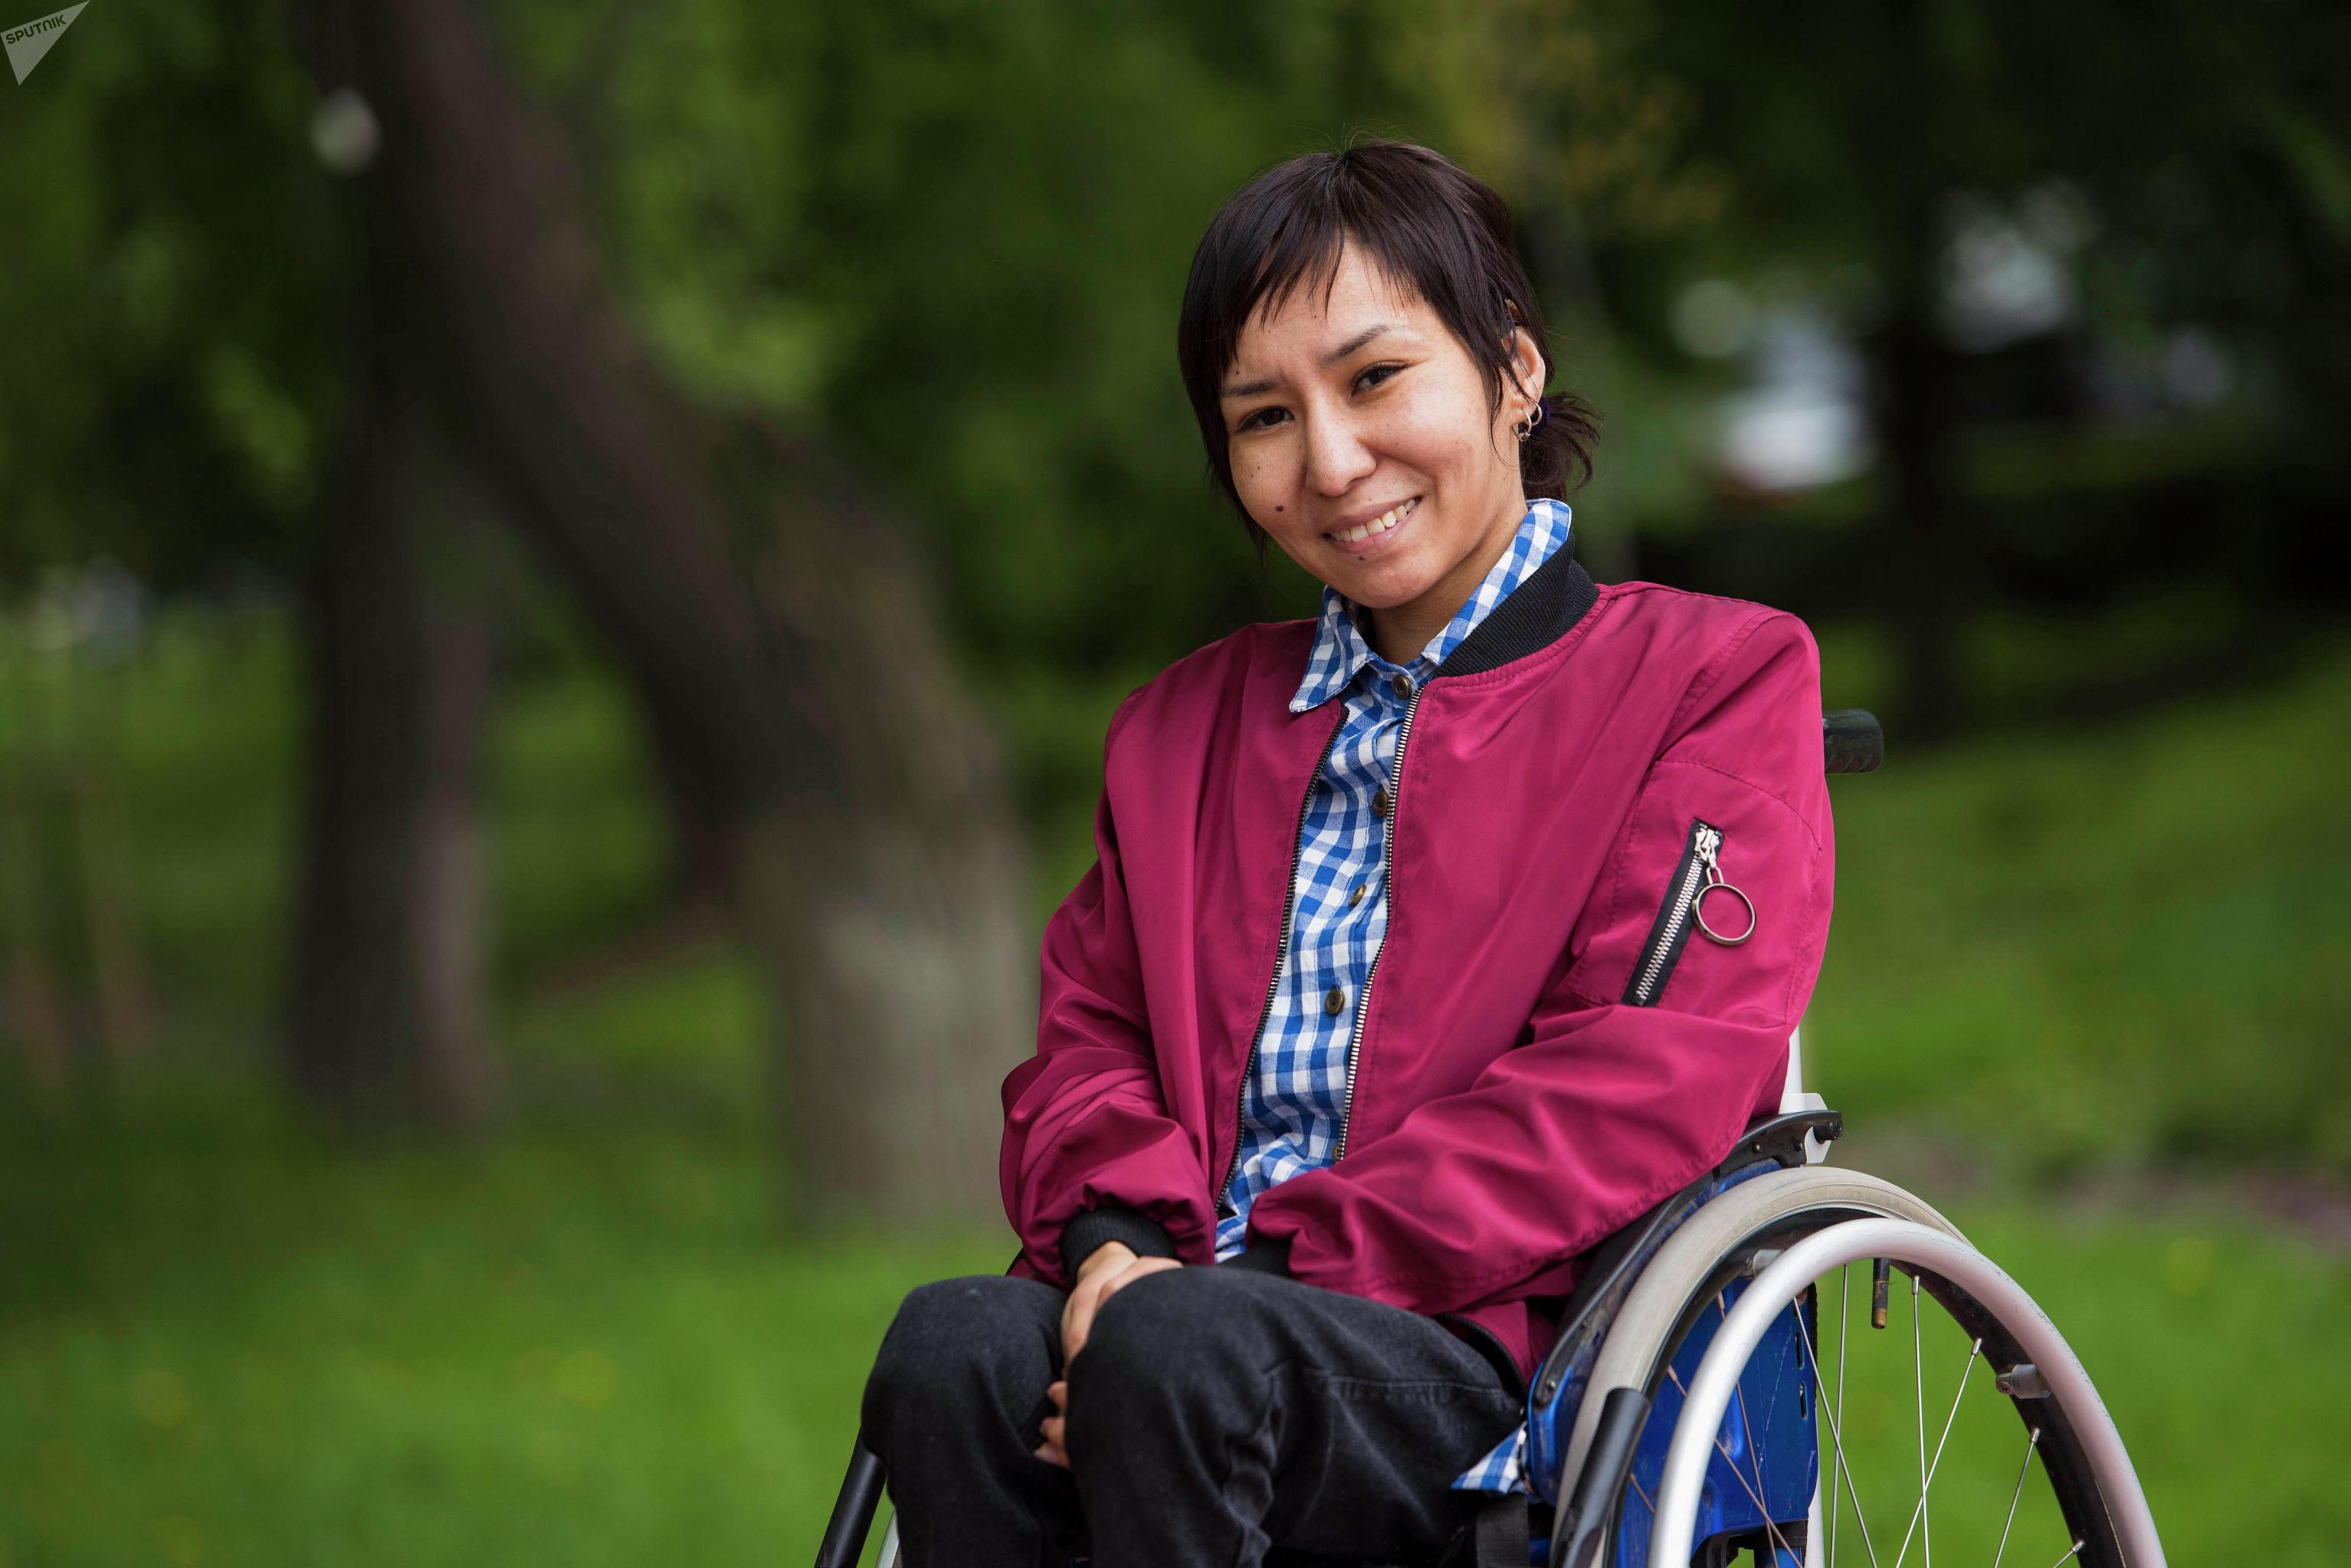 Активистка Азиза Иминова во время фотосета